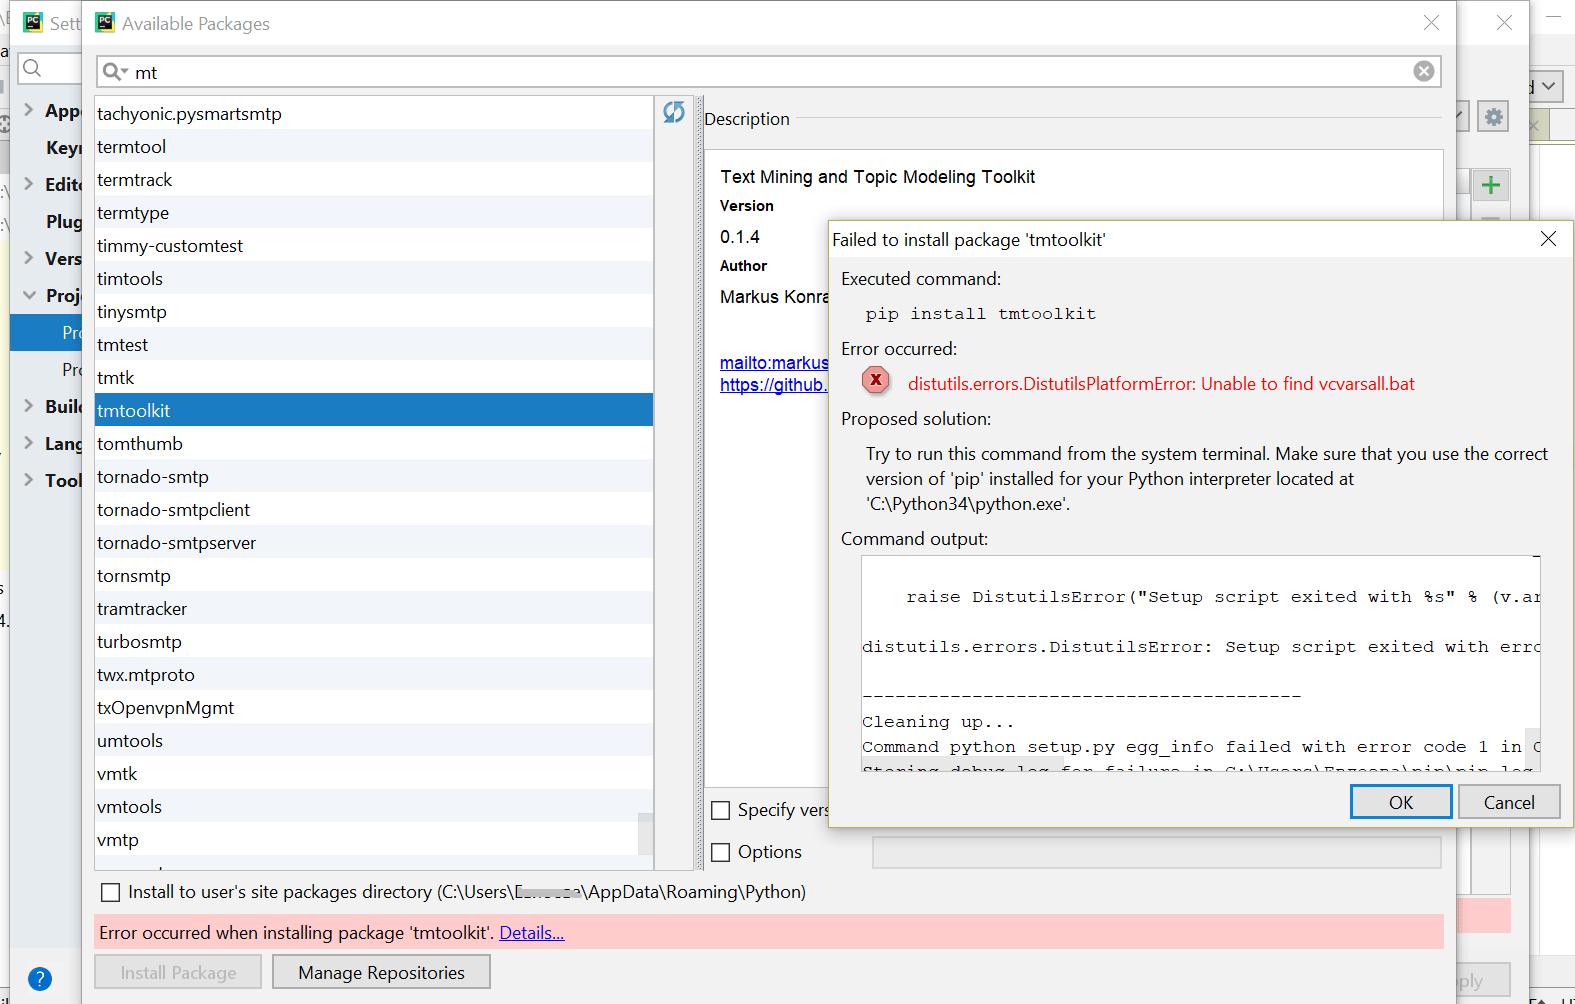 Как я могу получить список локально установленных модулей Python?